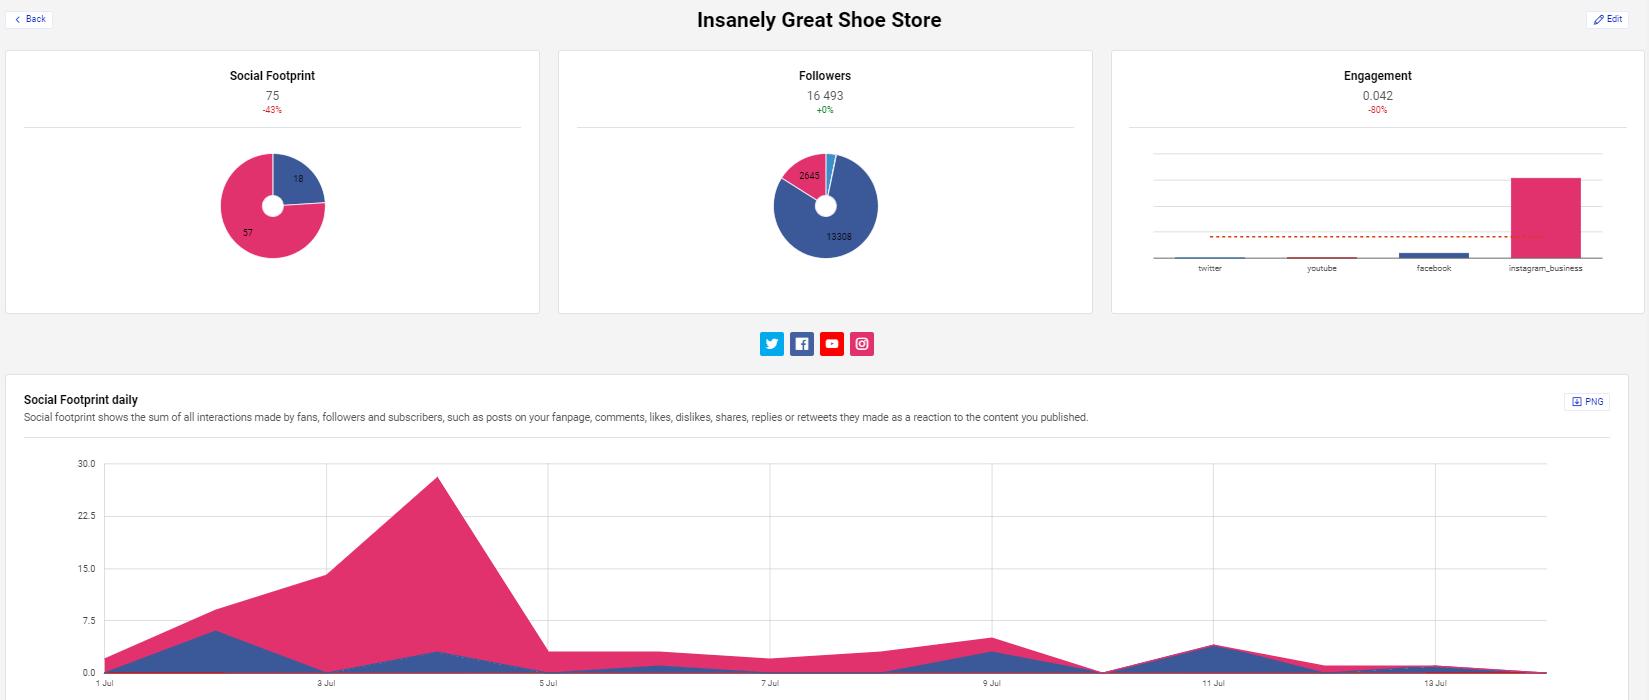 NapoleonCat social footprint